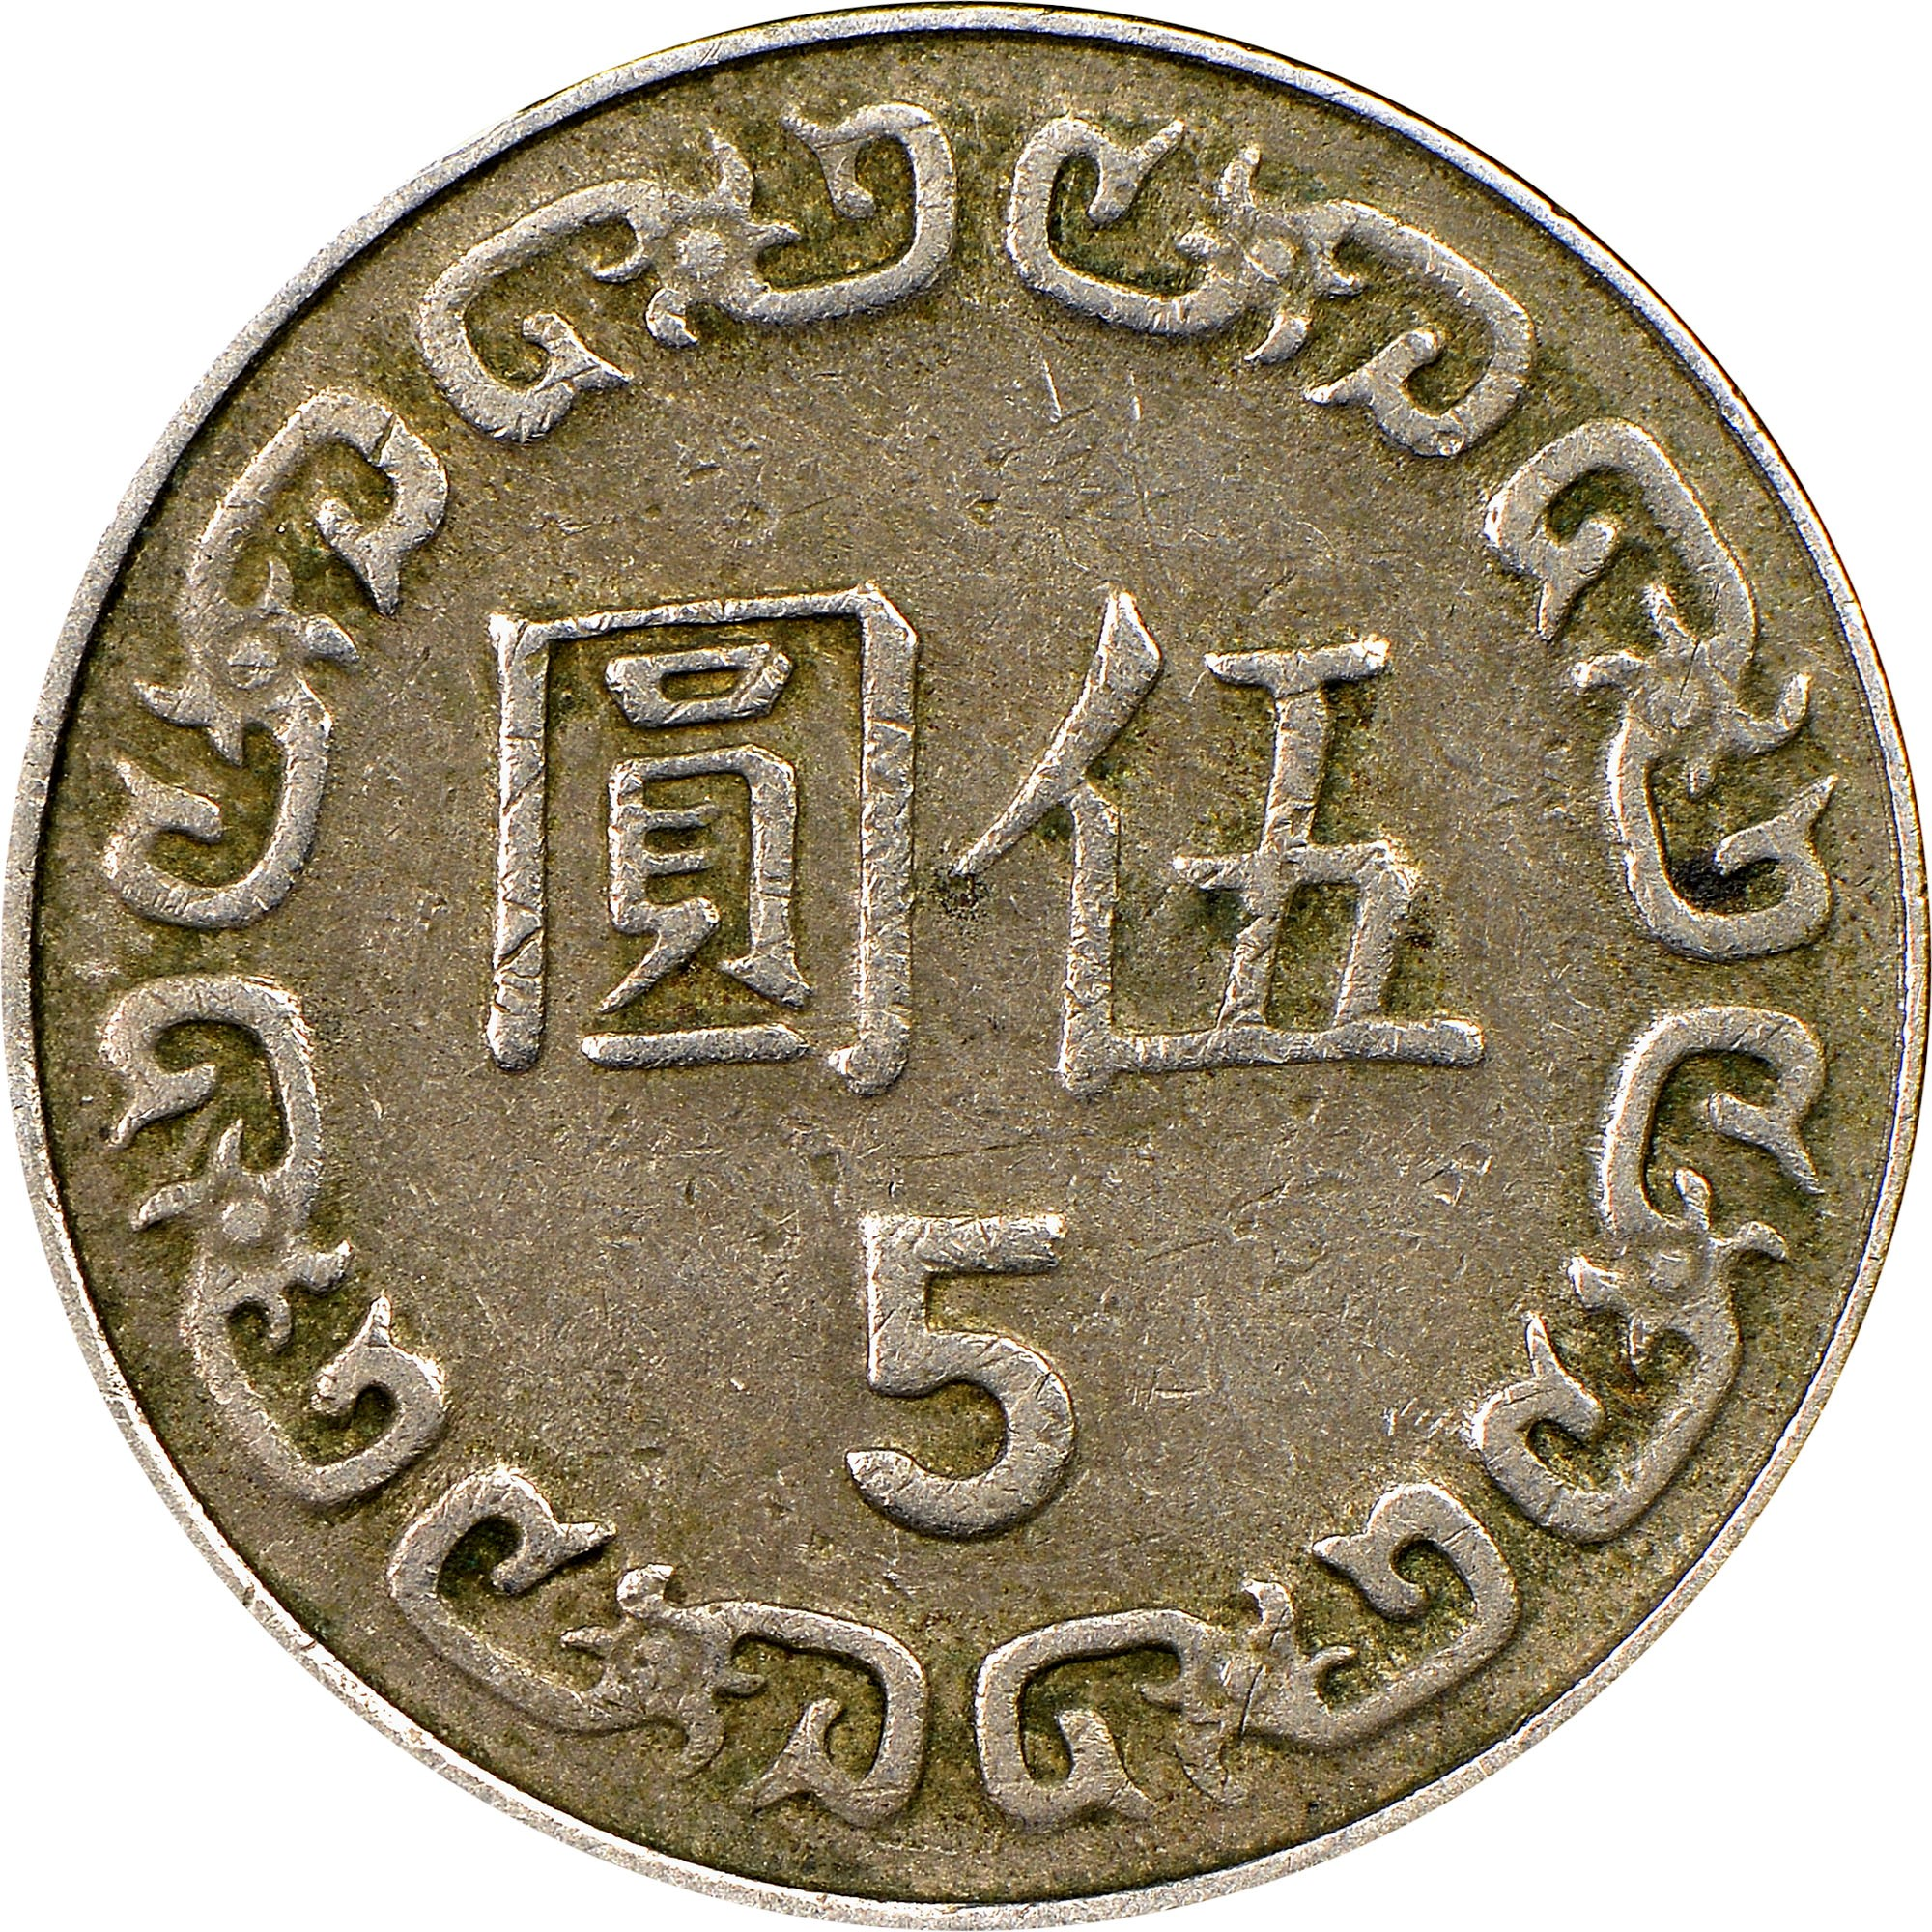 China, Taiwan Region 5 Yuan reverse